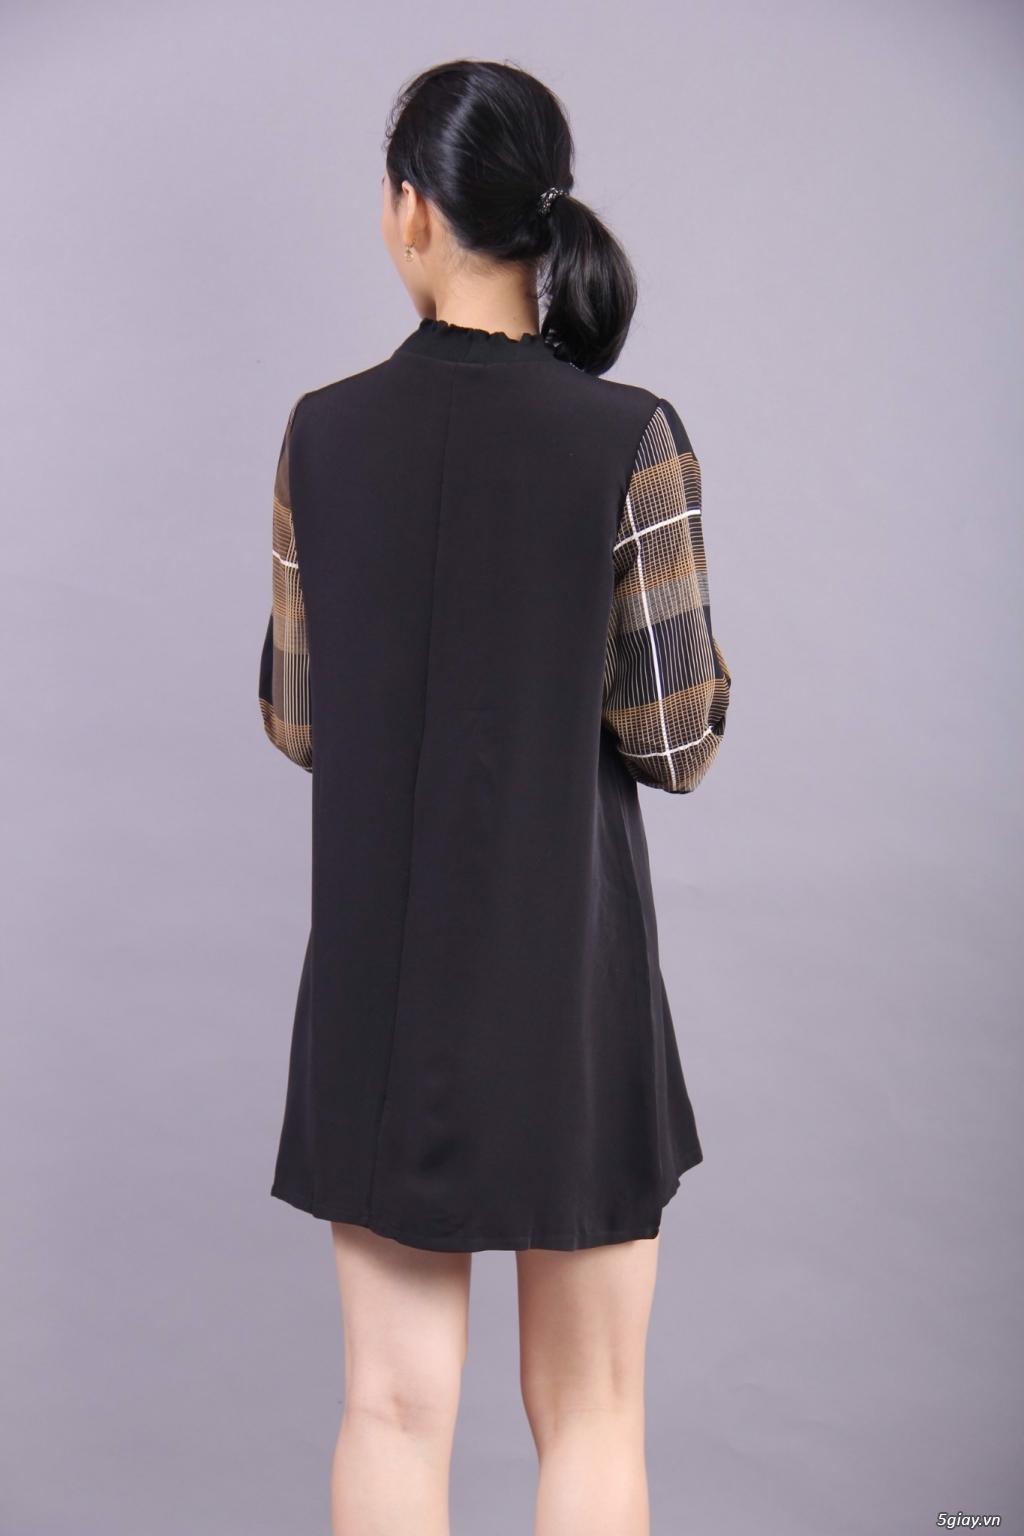 Wal House Fashion - Thương Hiệu Việt - Kiểu dáng đa dạng - 27